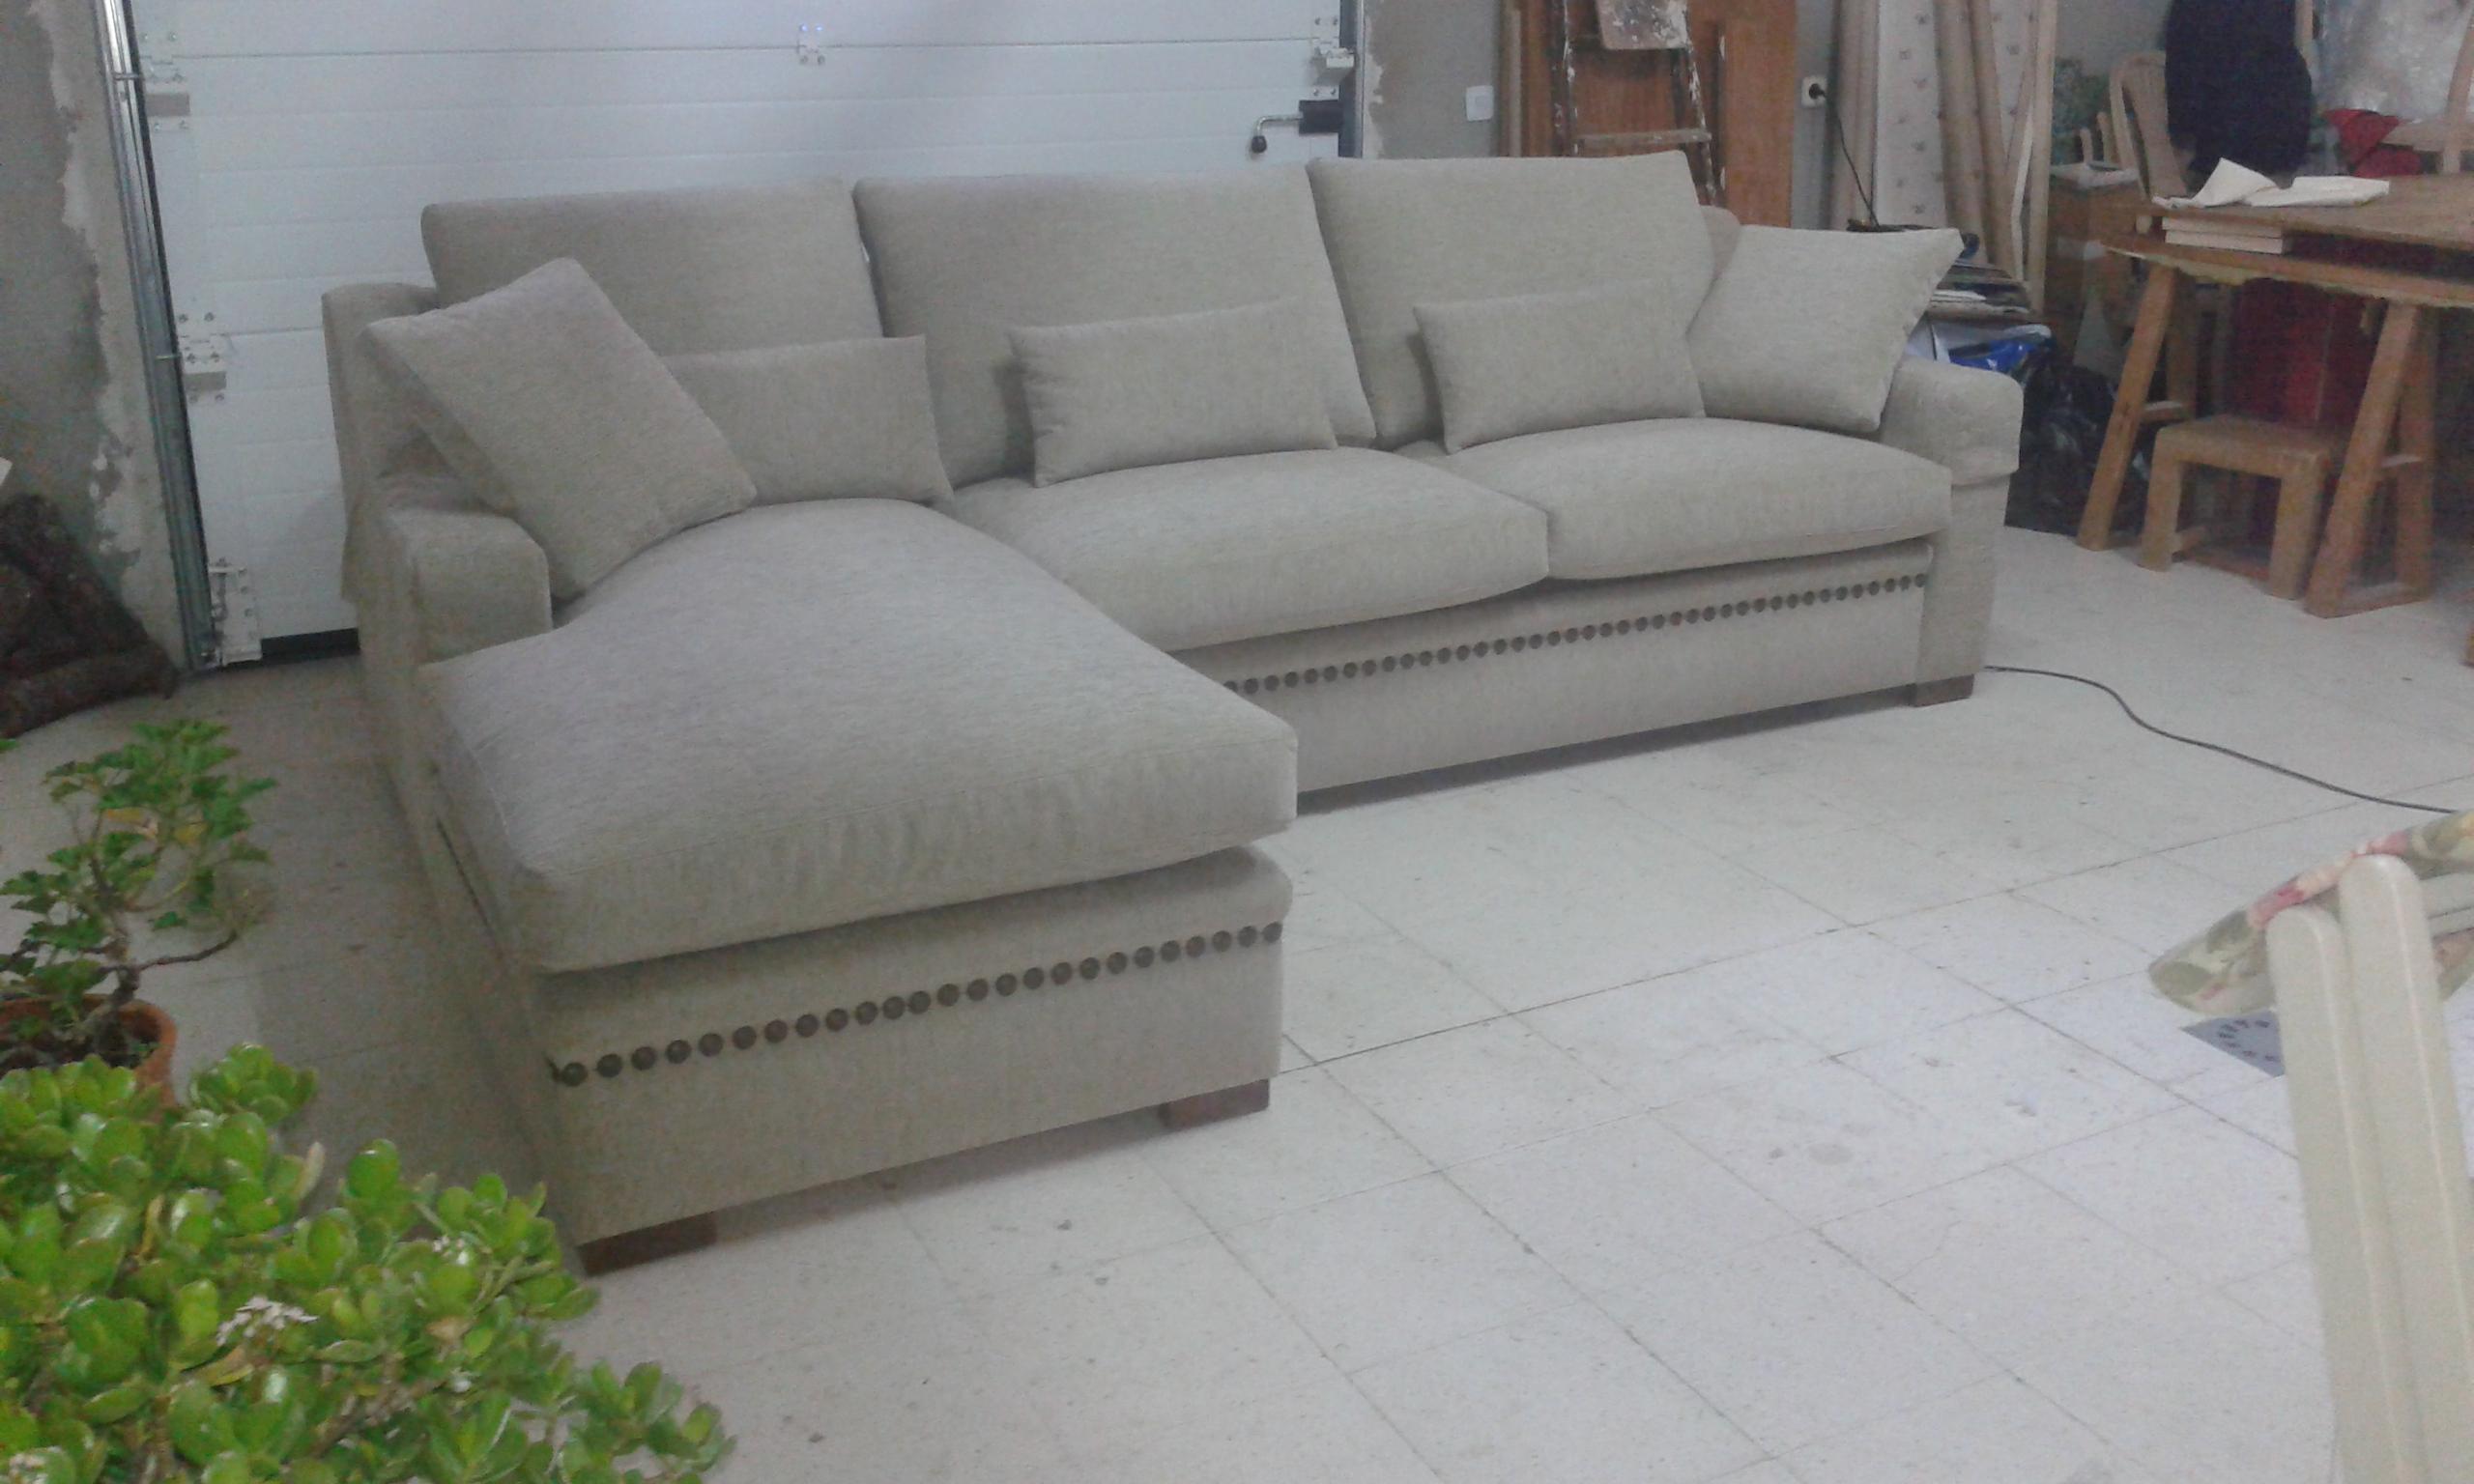 Mirlo con chas tachuelas 2 tapizados artesanos - Artesanos del sofa ...